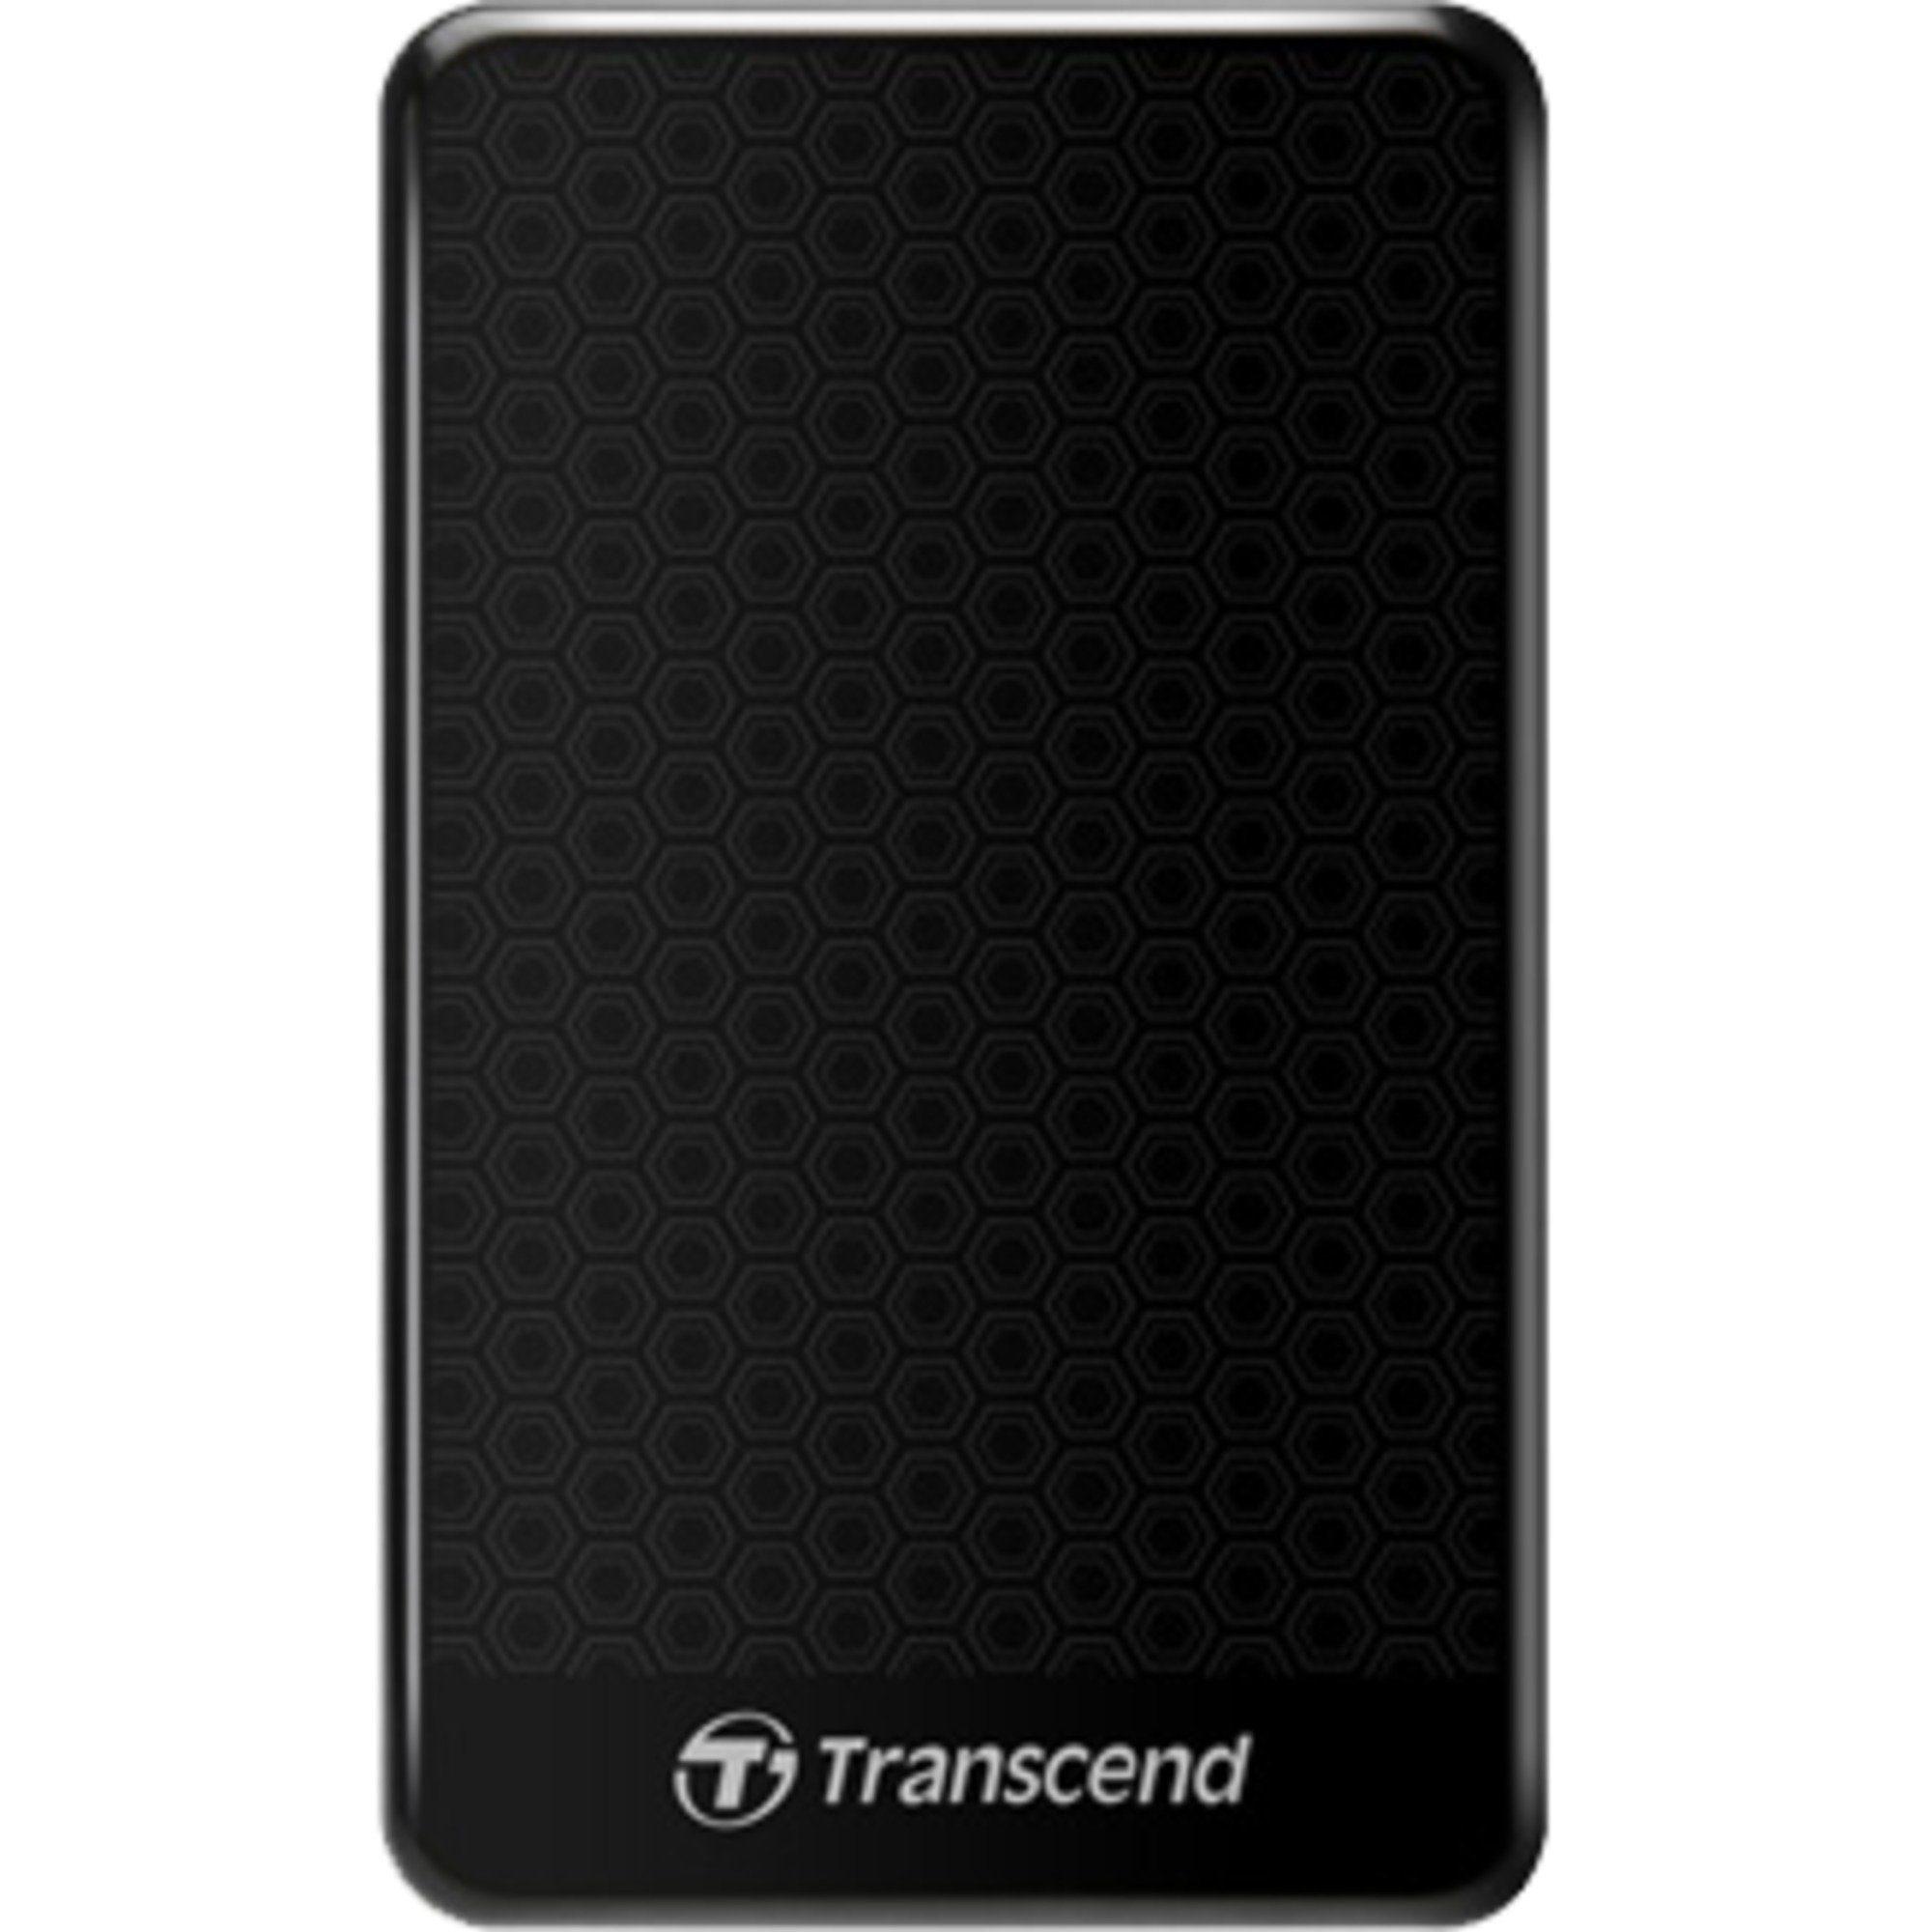 Transcend Festplatte »StoreJet 25A3 500 GB«